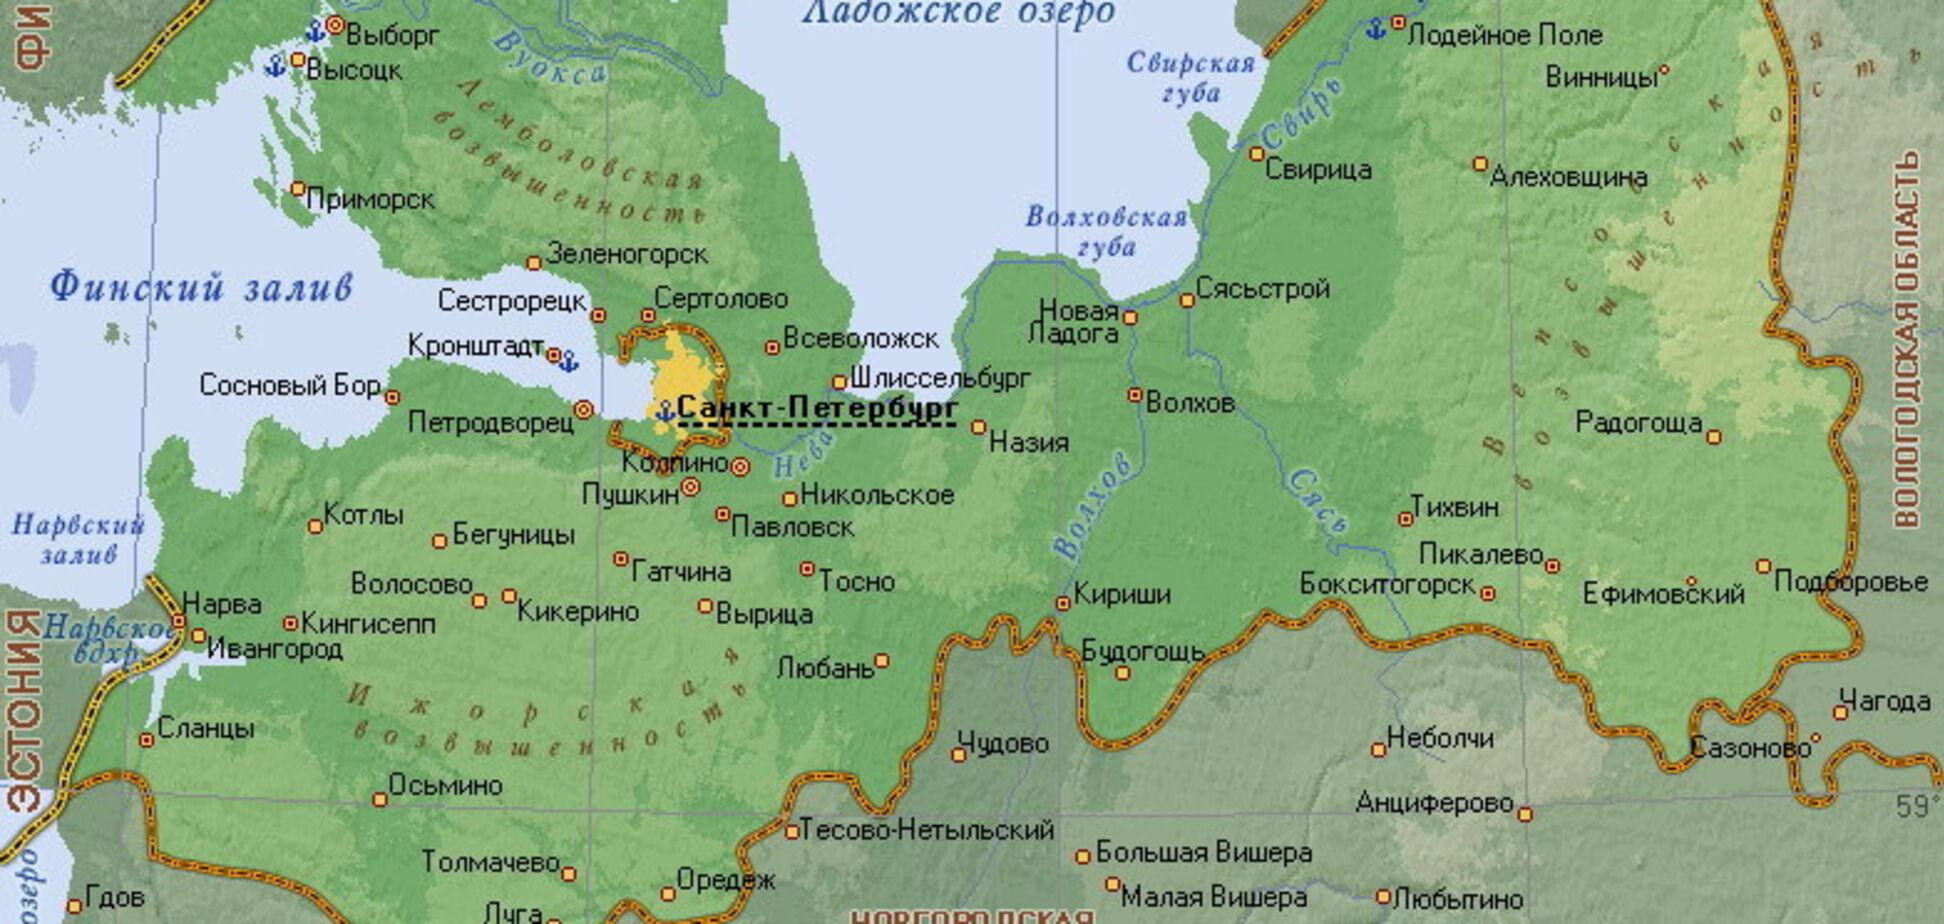 В Финляндии Путину предложили вернуть оккупированный город